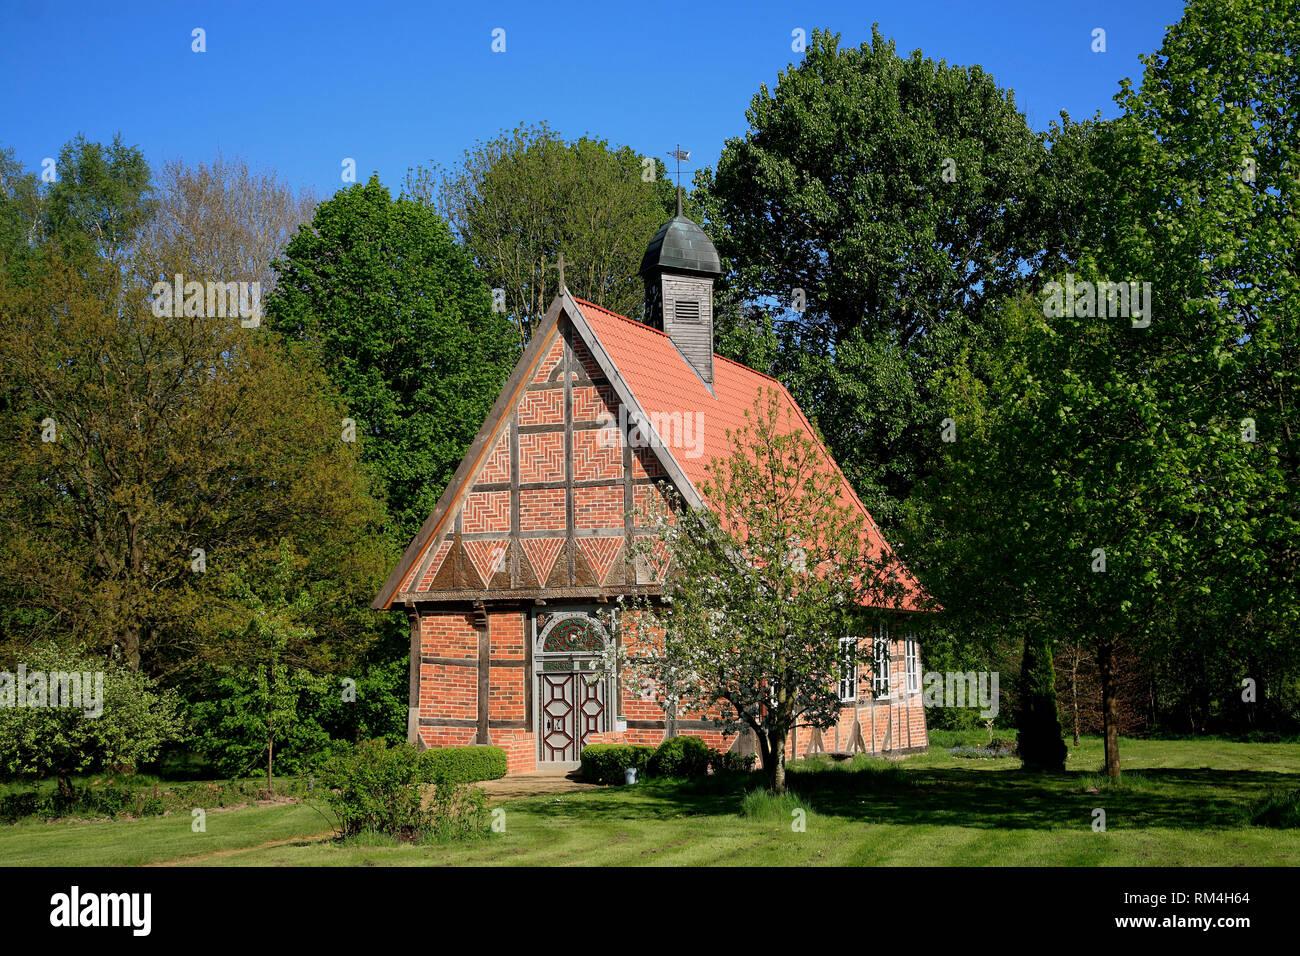 Little chapple in Barnstedt, Lüneburger Heide, Lower Saxony, Germany, Europe - Stock Image